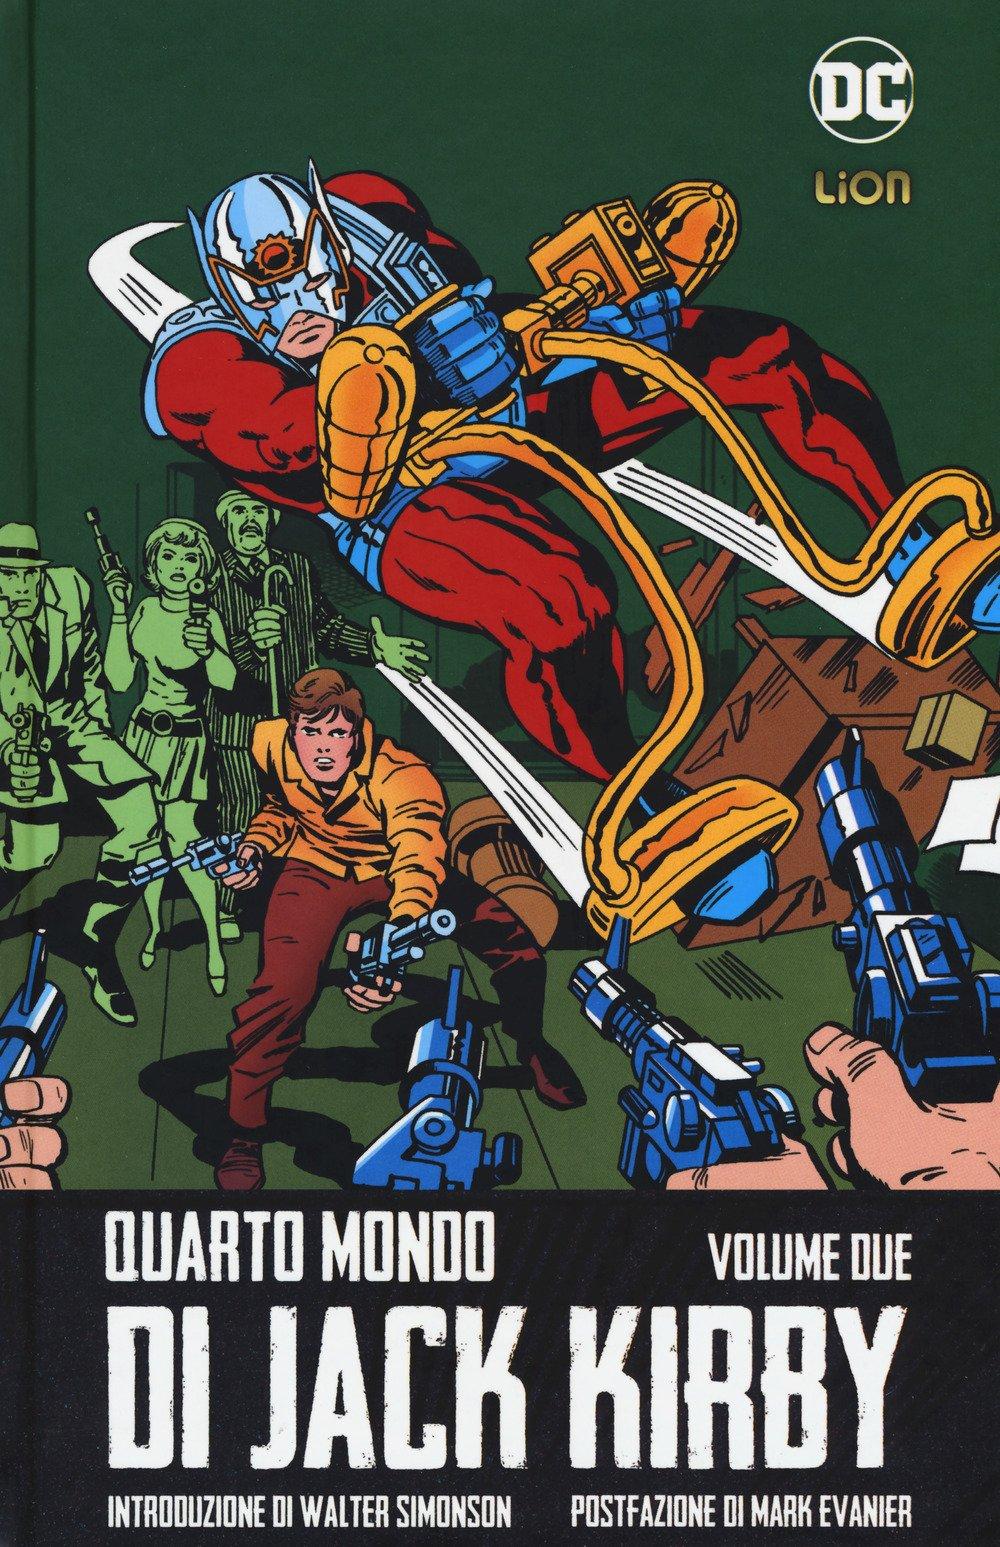 Quarto Mondo di Jack Kirby vol. 2